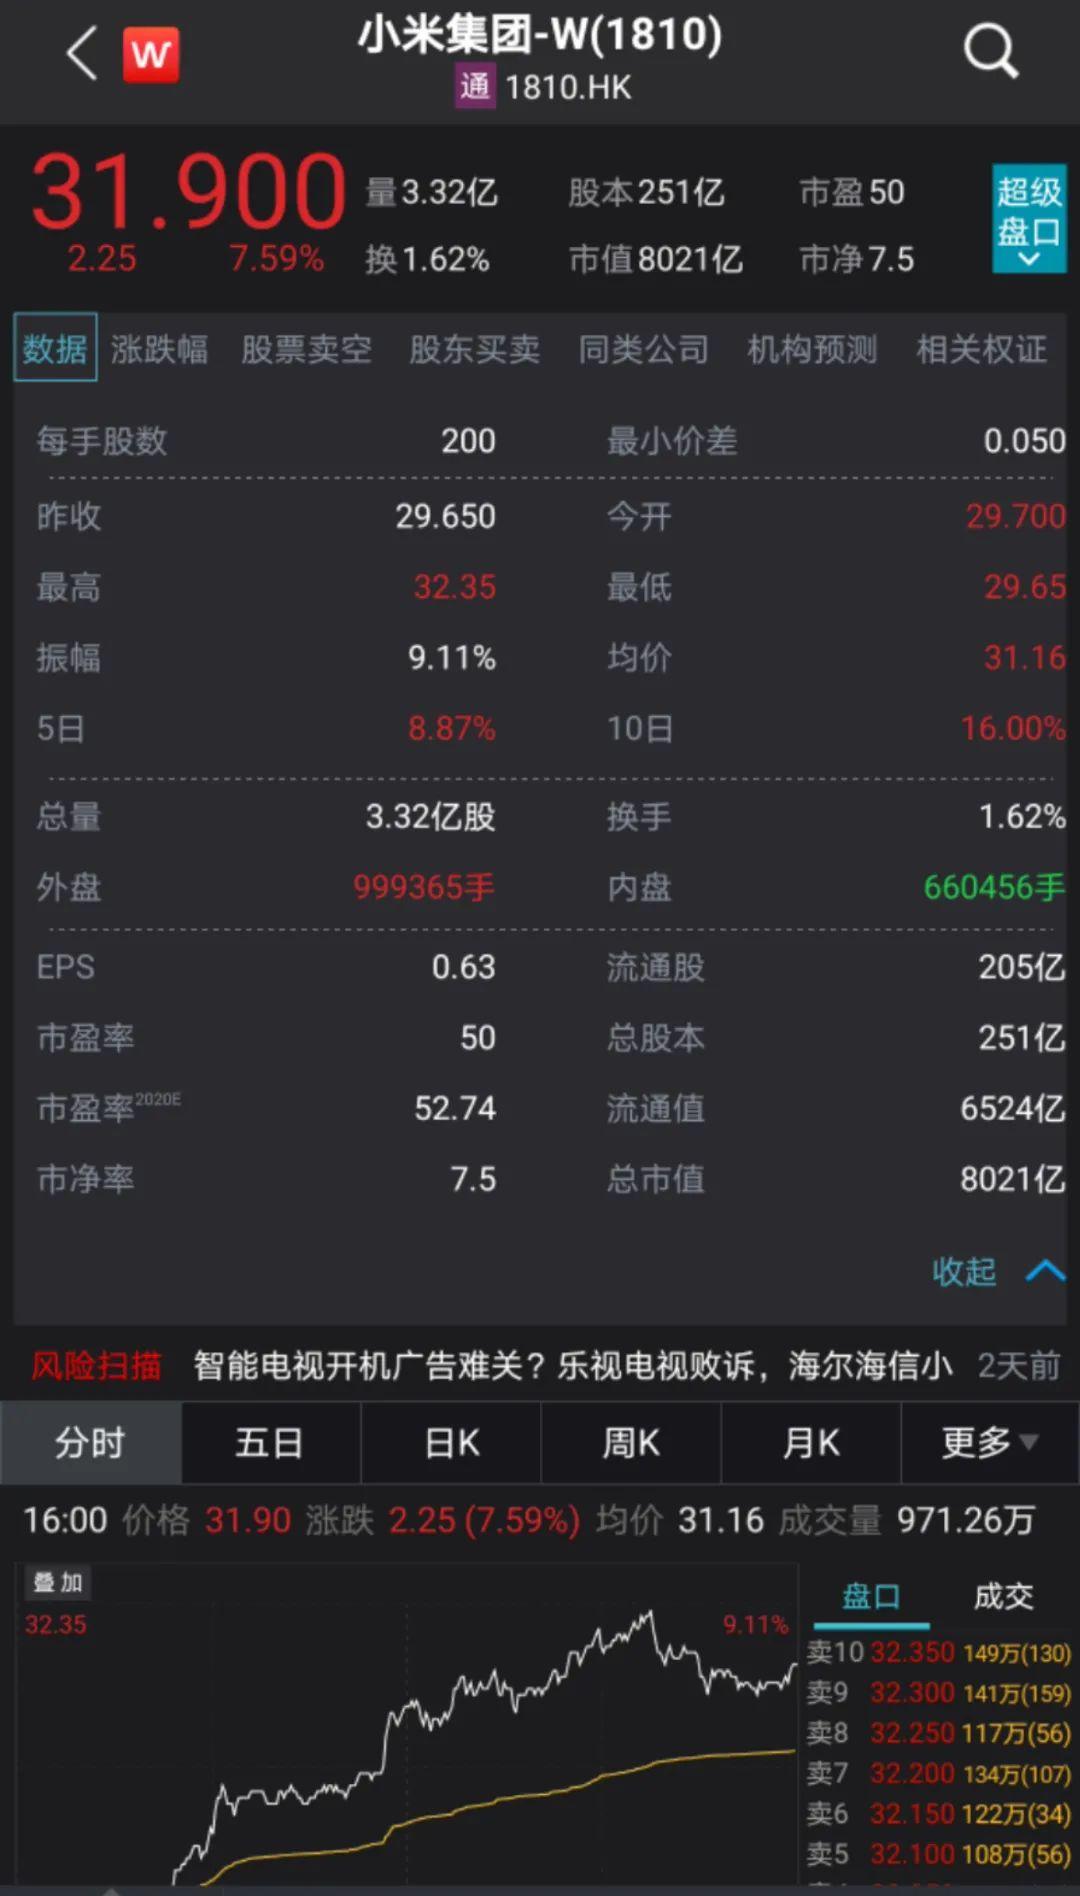 雷军又火了!小米市值首次突破8000亿港元,下周更有大动作